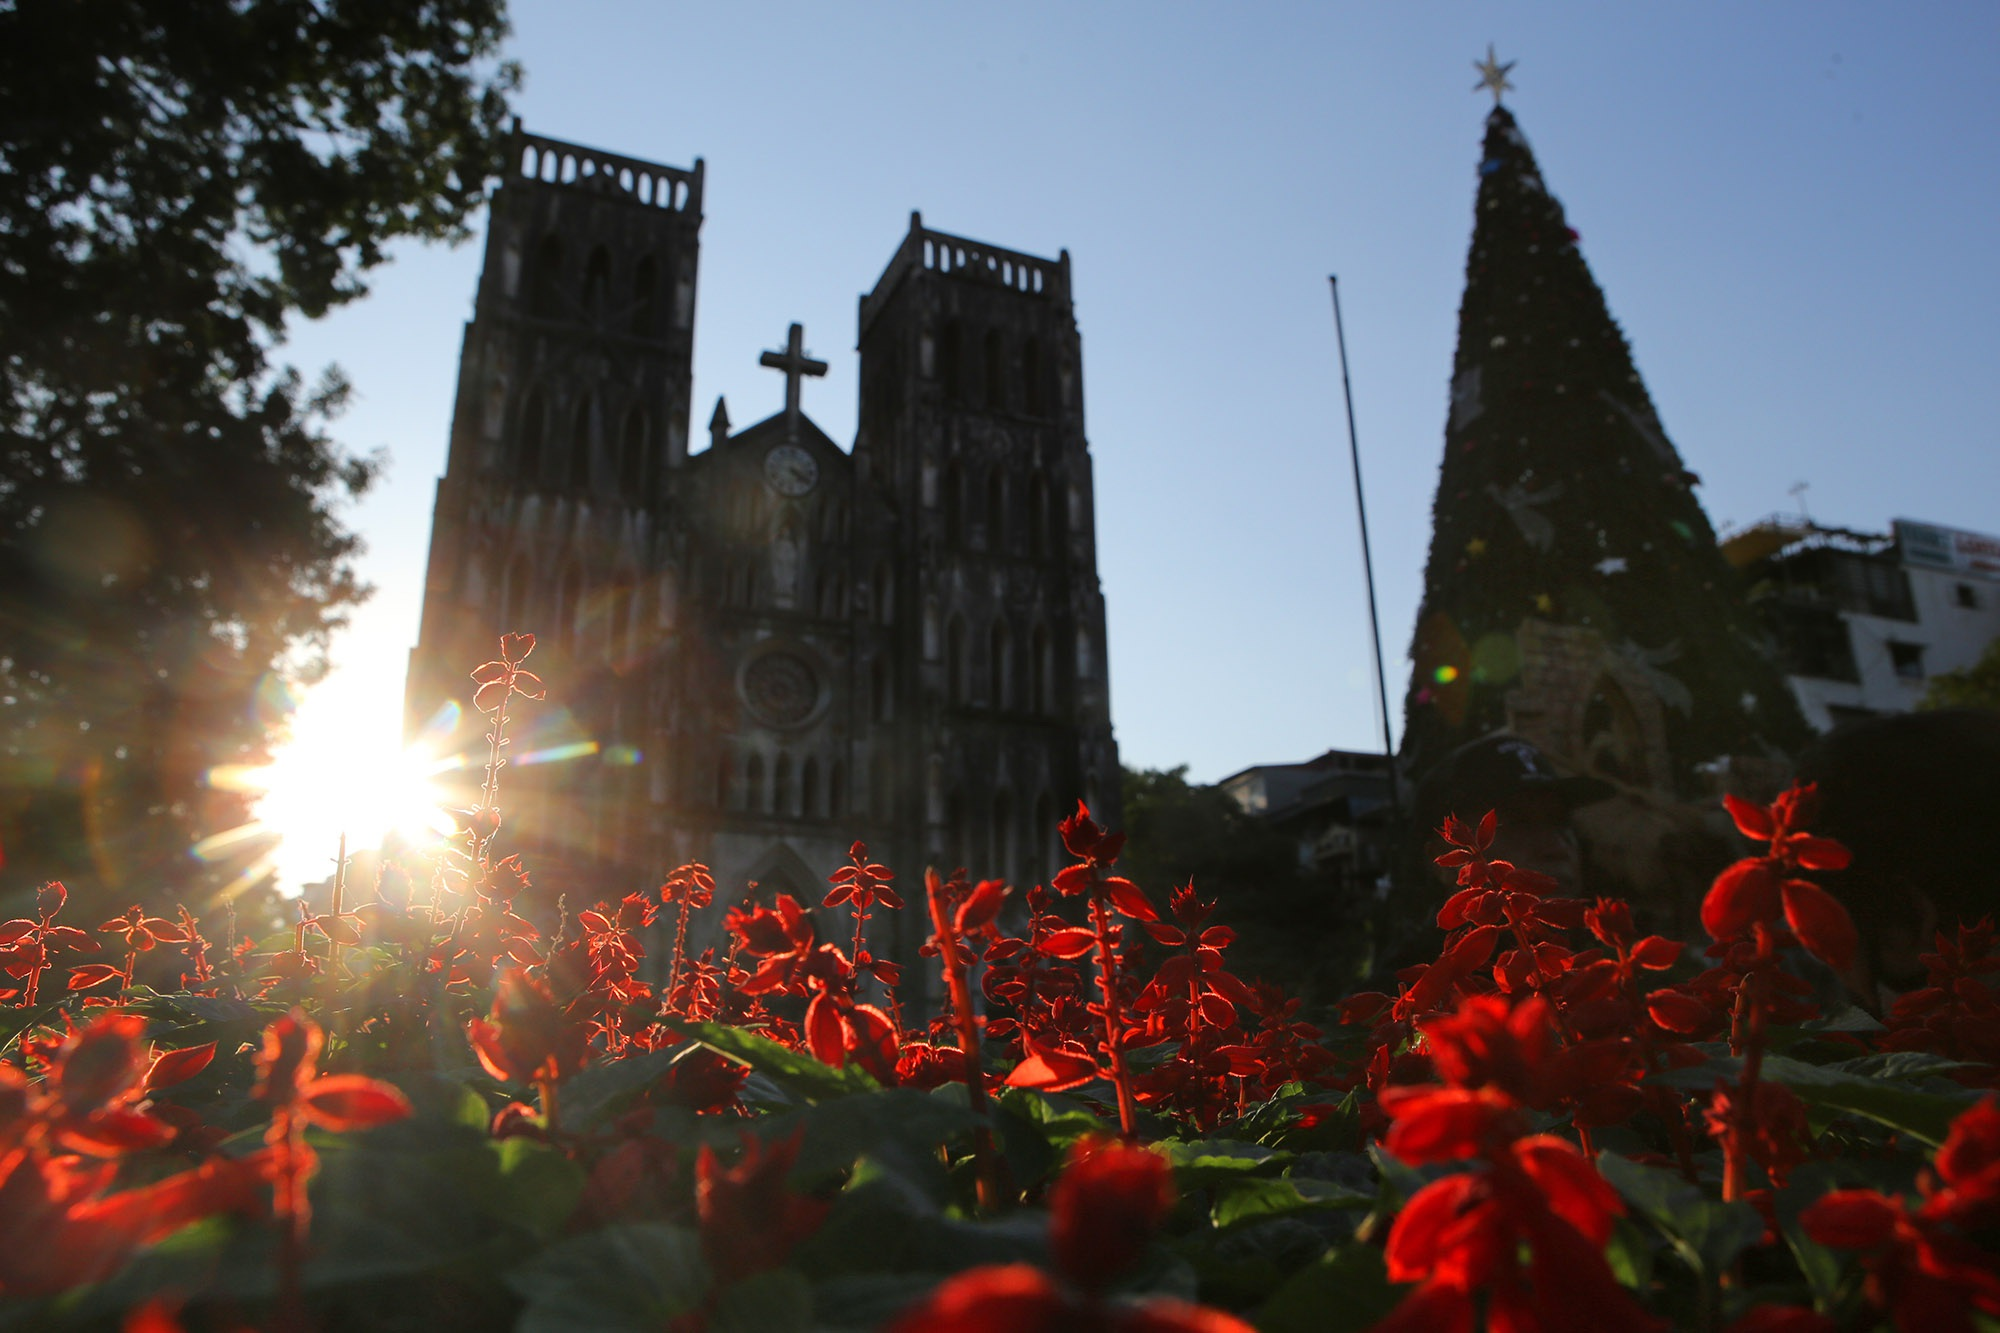 Các nhà thờ ở Hà Nội trang hoàng đón Noel 2019 - 5